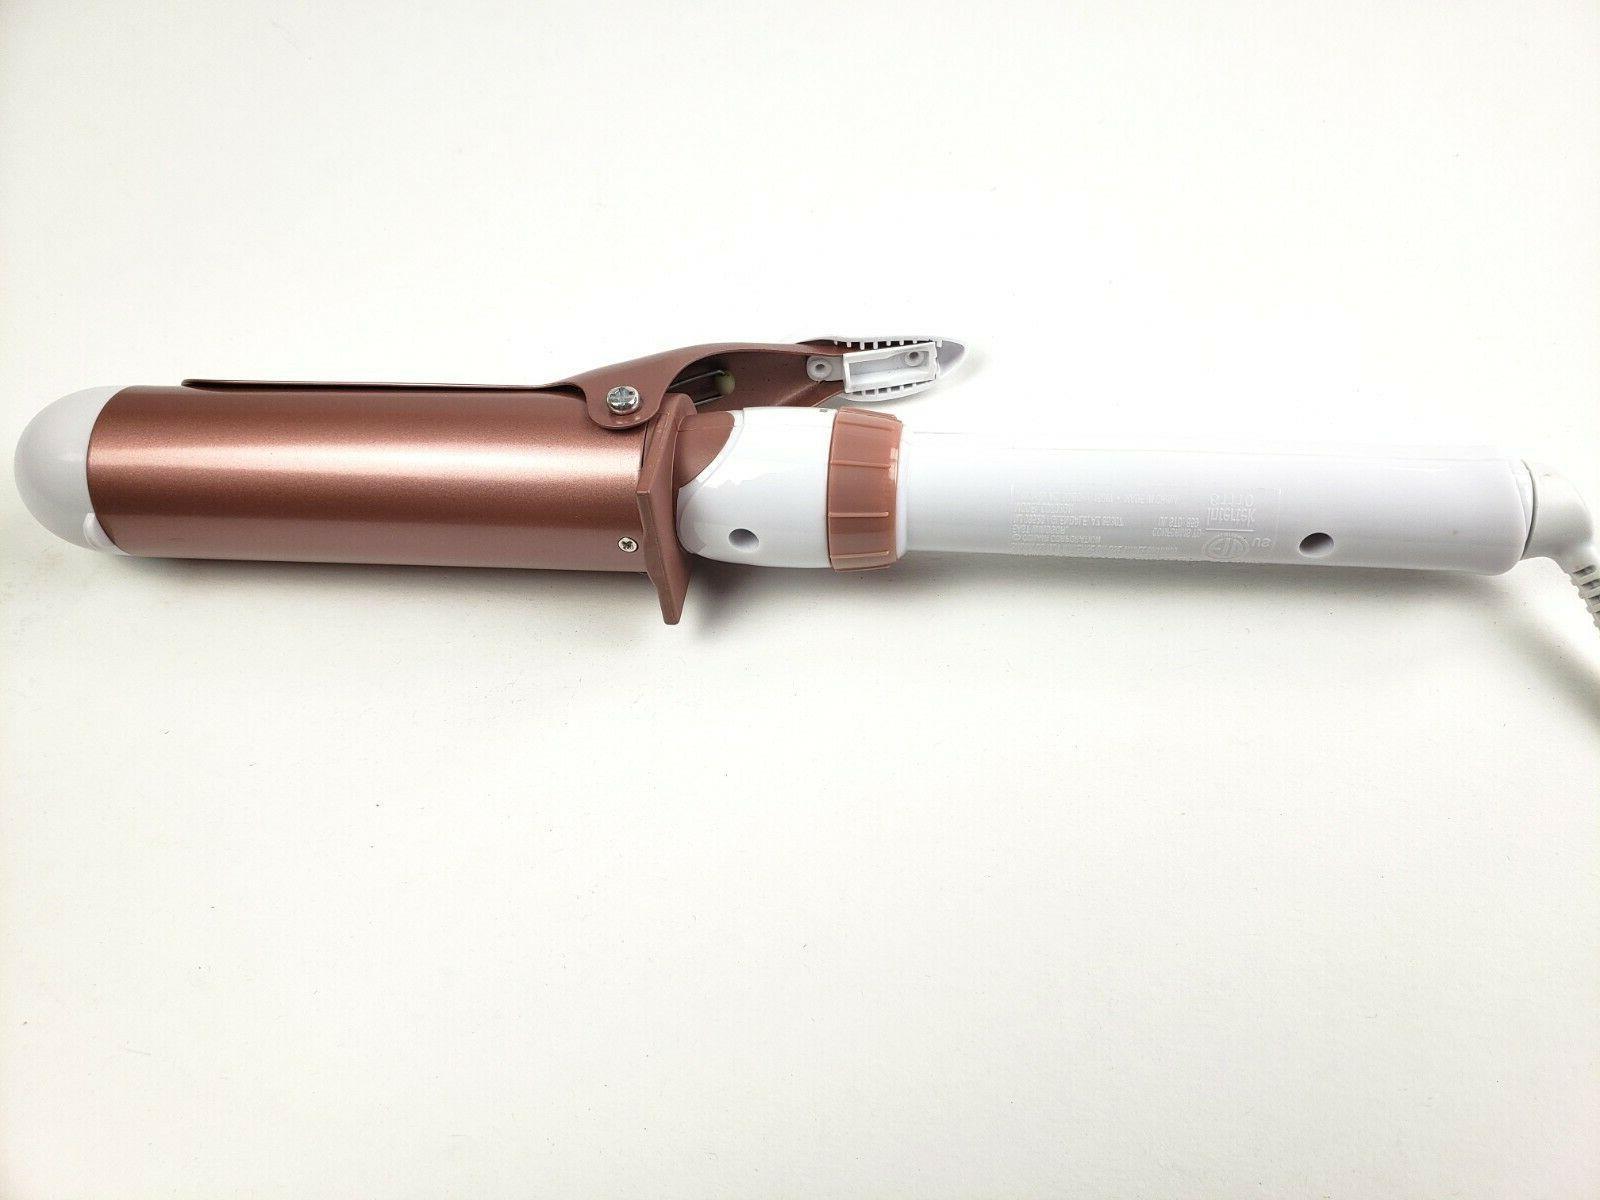 Conair Double Iron, Inch Iron, White/Rose